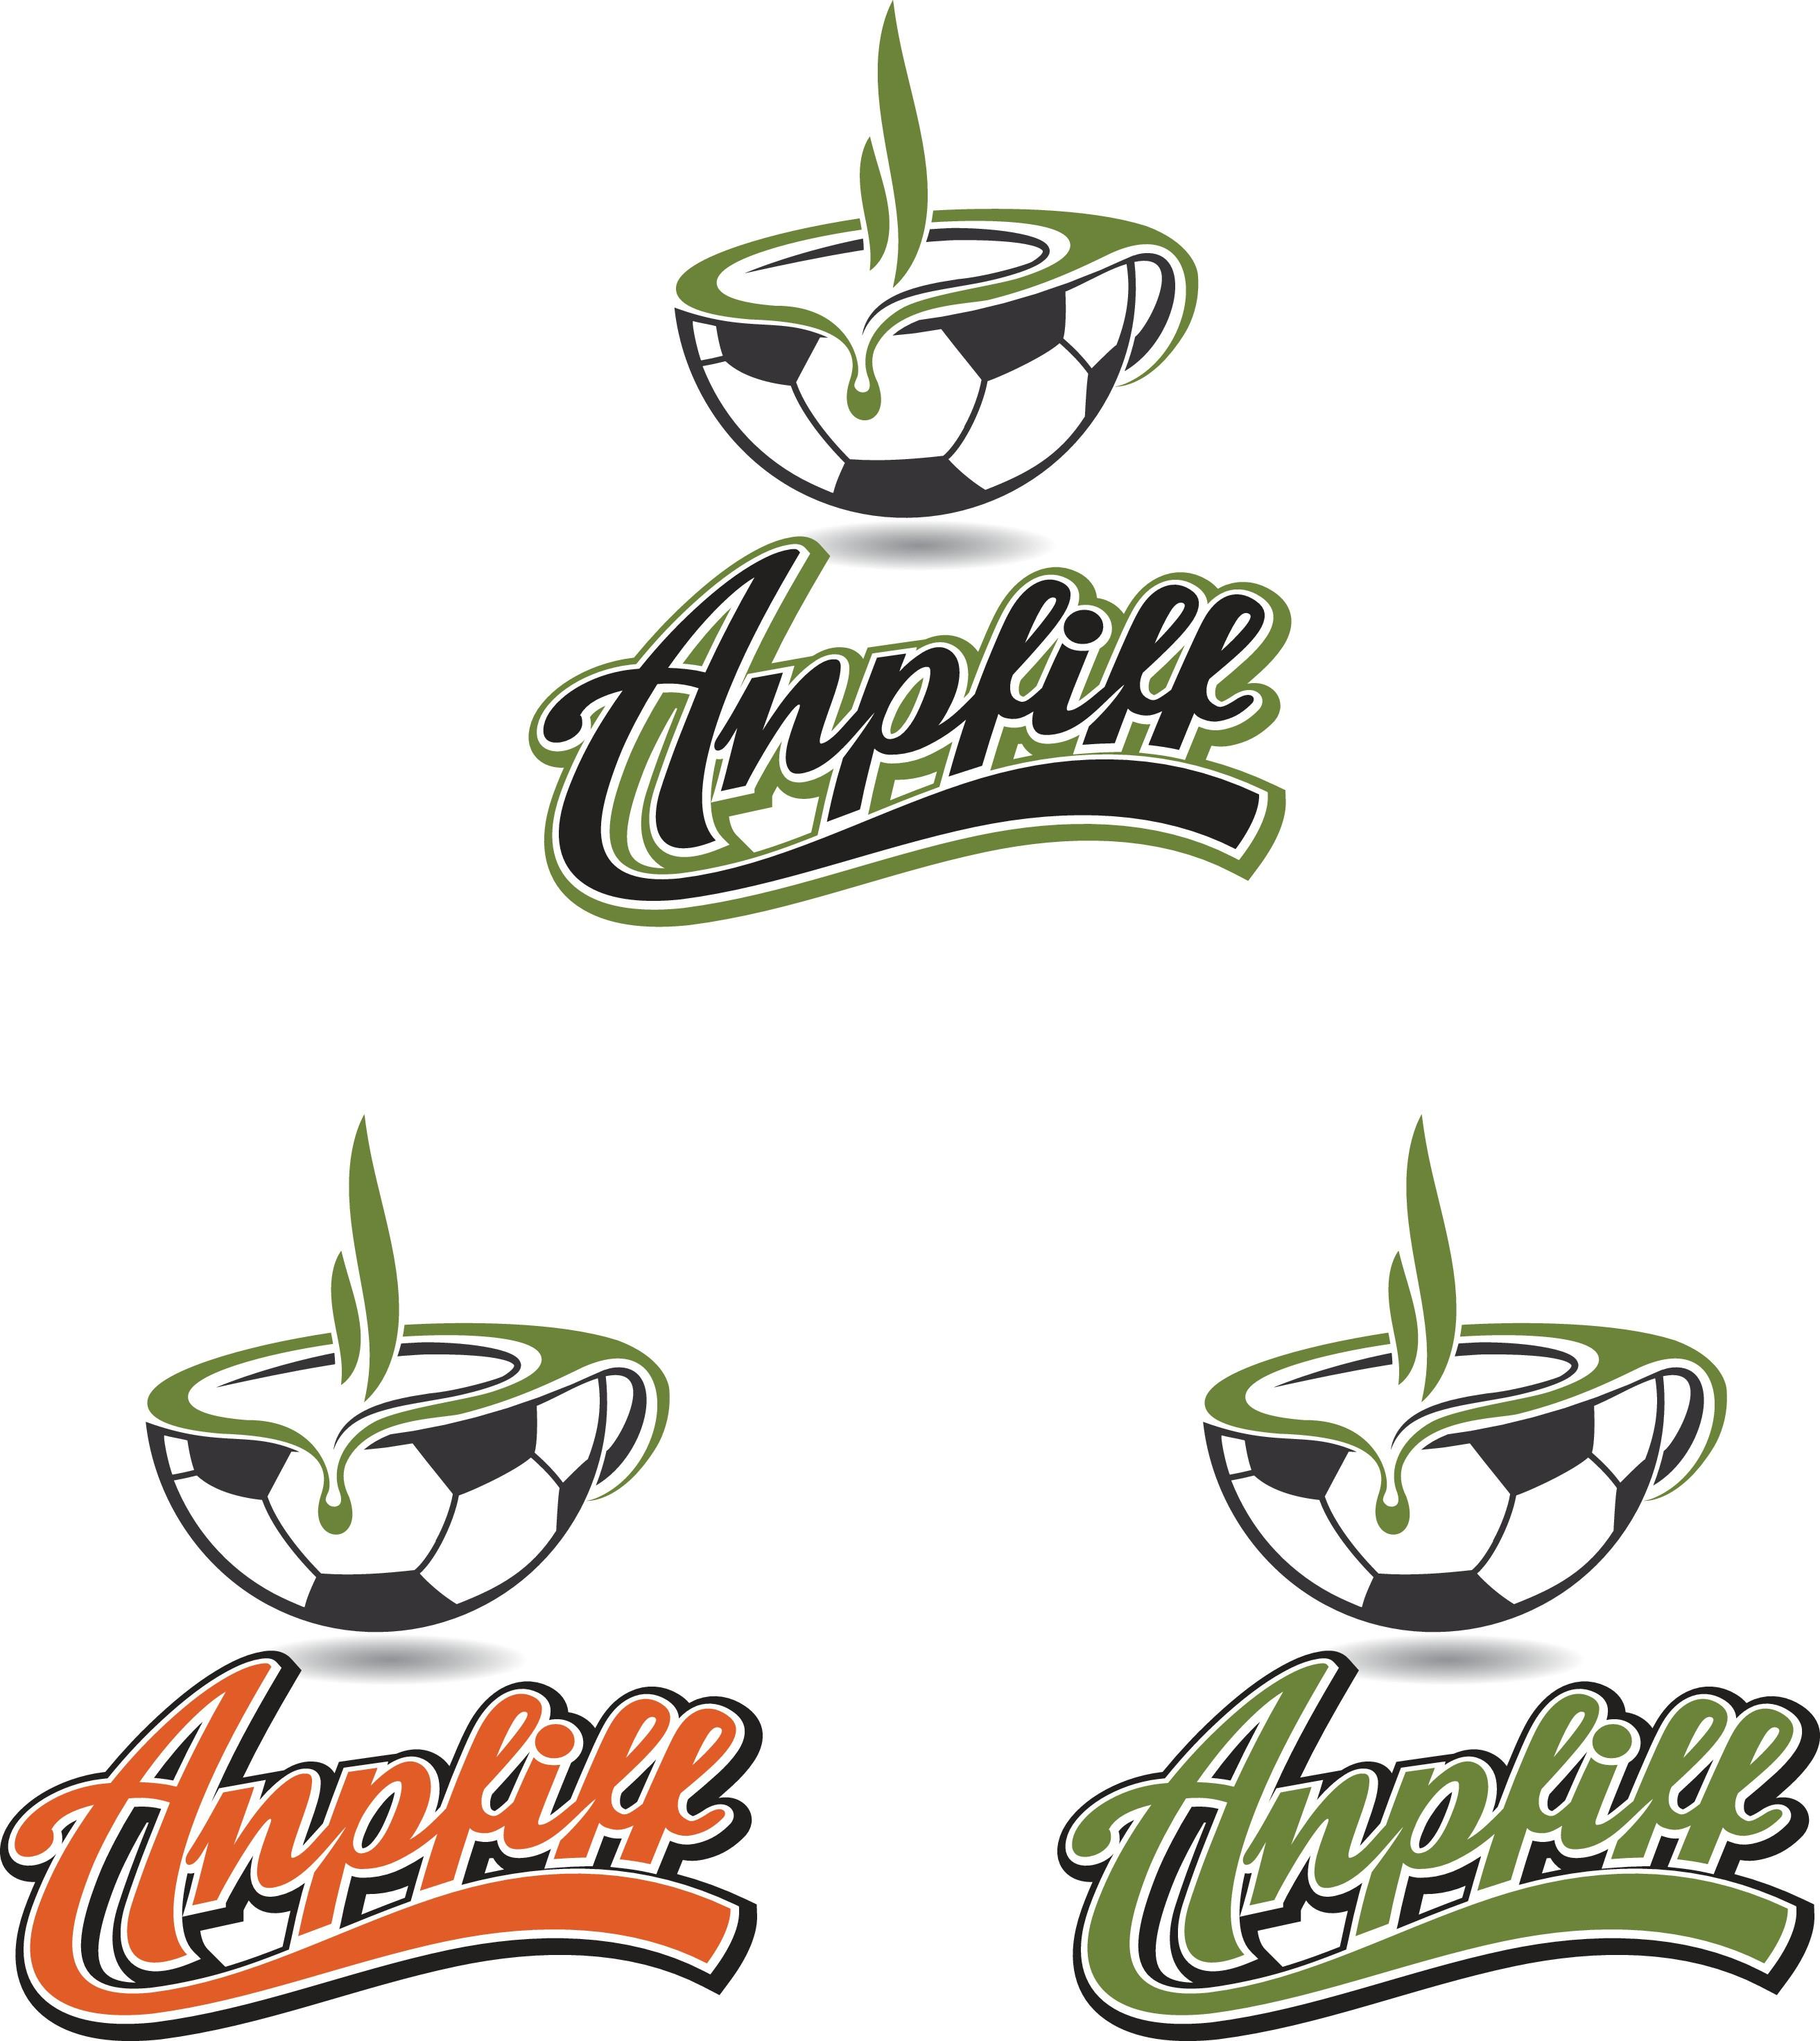 Erstellt ein Logo für eine Cafe Event- und Sportgaststätte